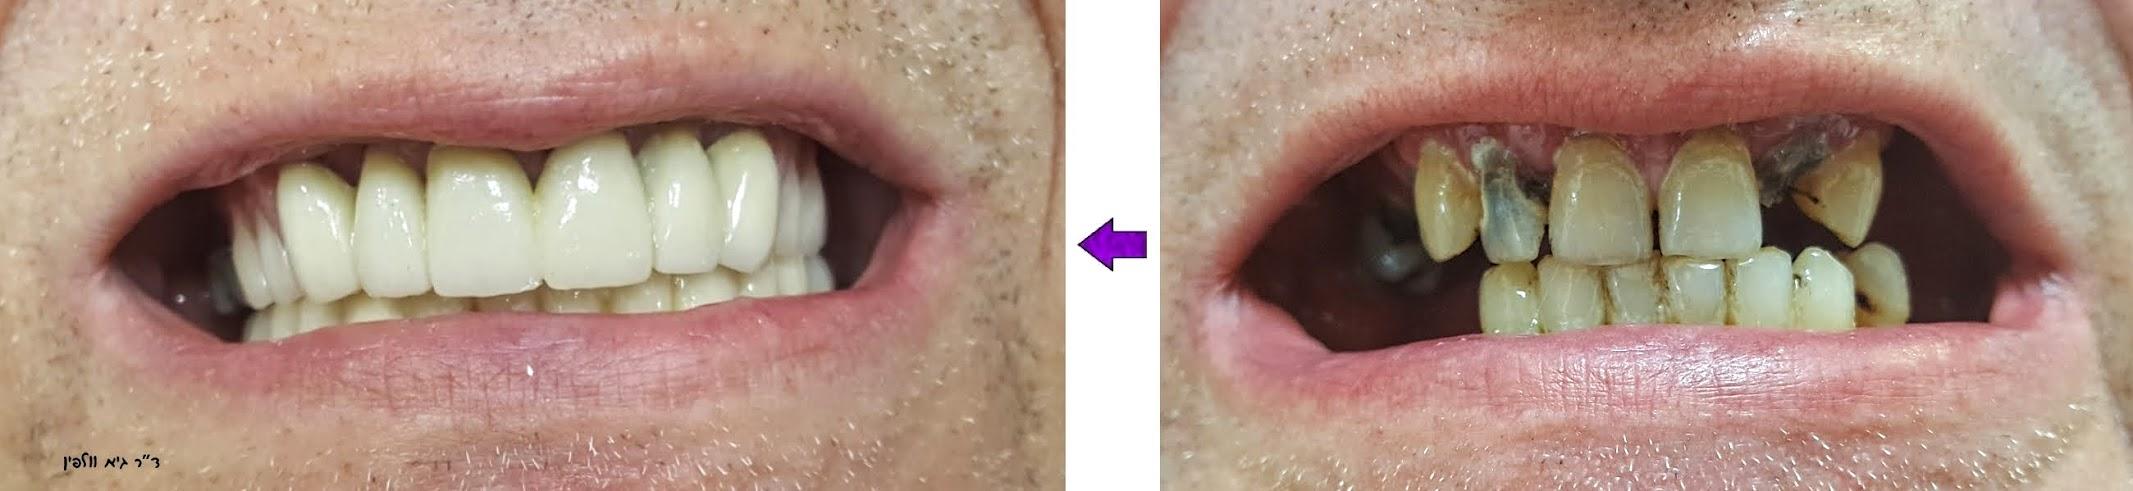 שיקום הפה אסתטיקה דנטלית רופא שיניים מומלץ - ד''ר גיא וולפין